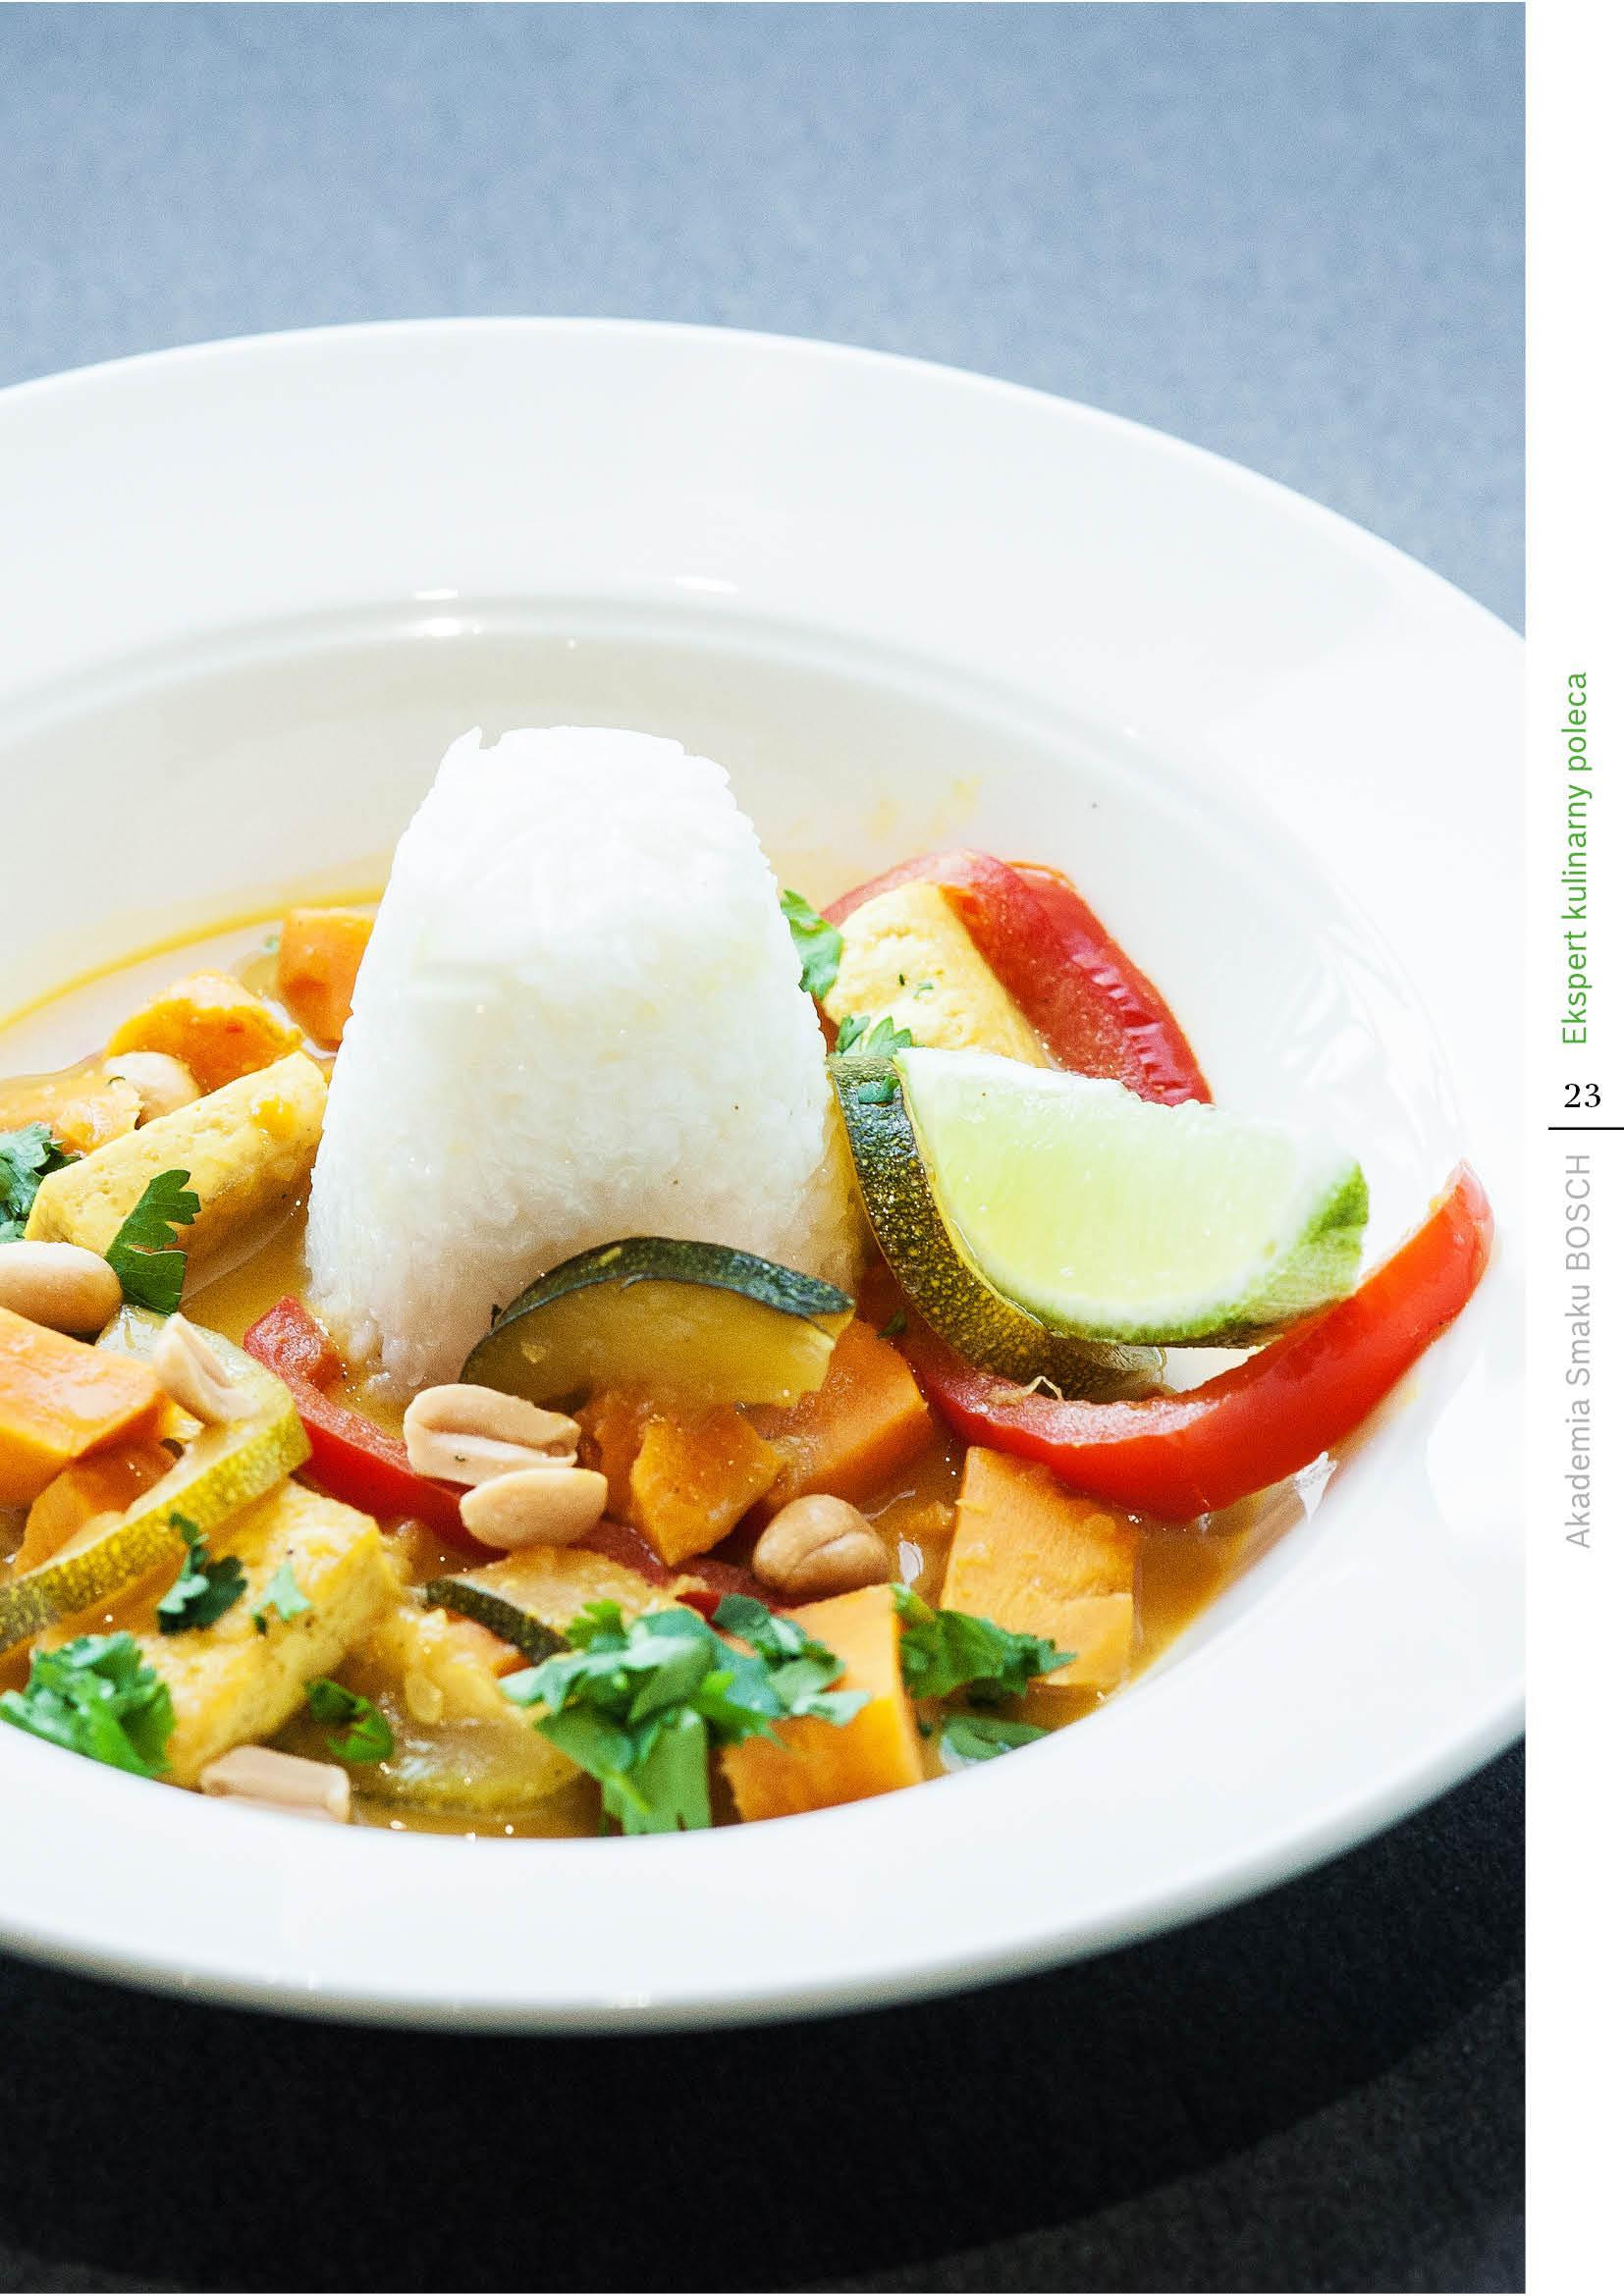 Orientuj się na curry - Strona 23